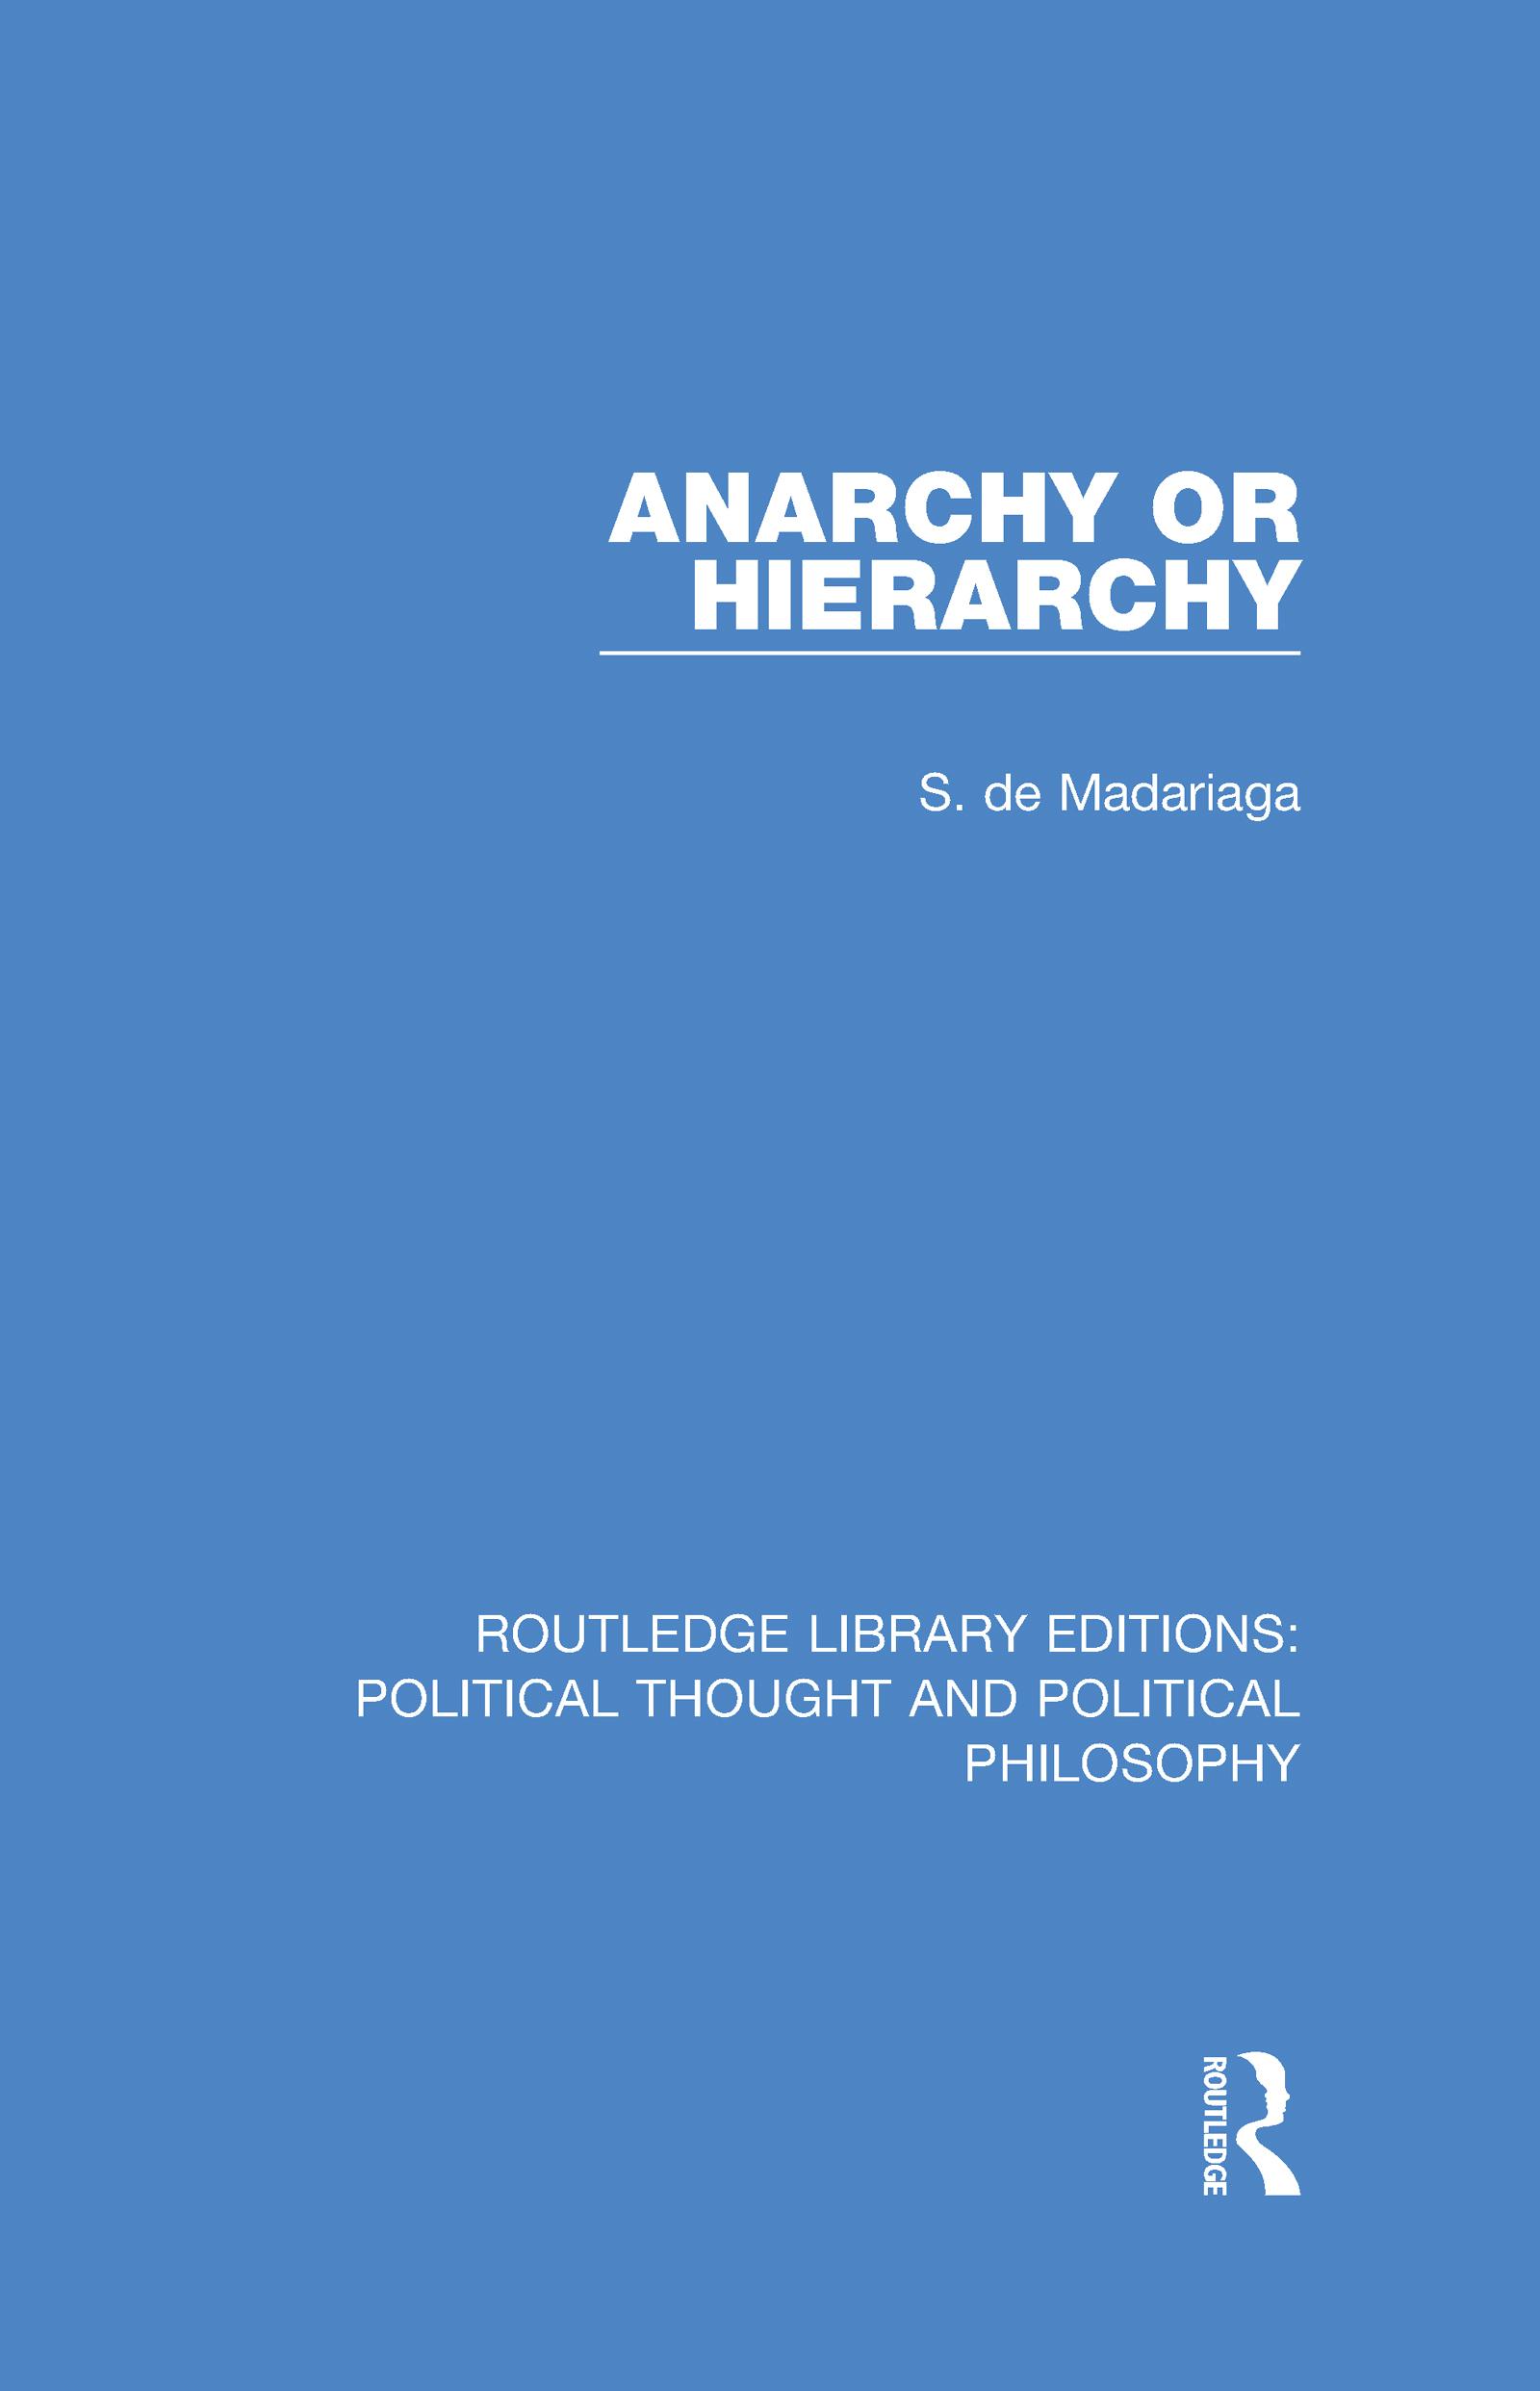 Anarchy or Hierarchy